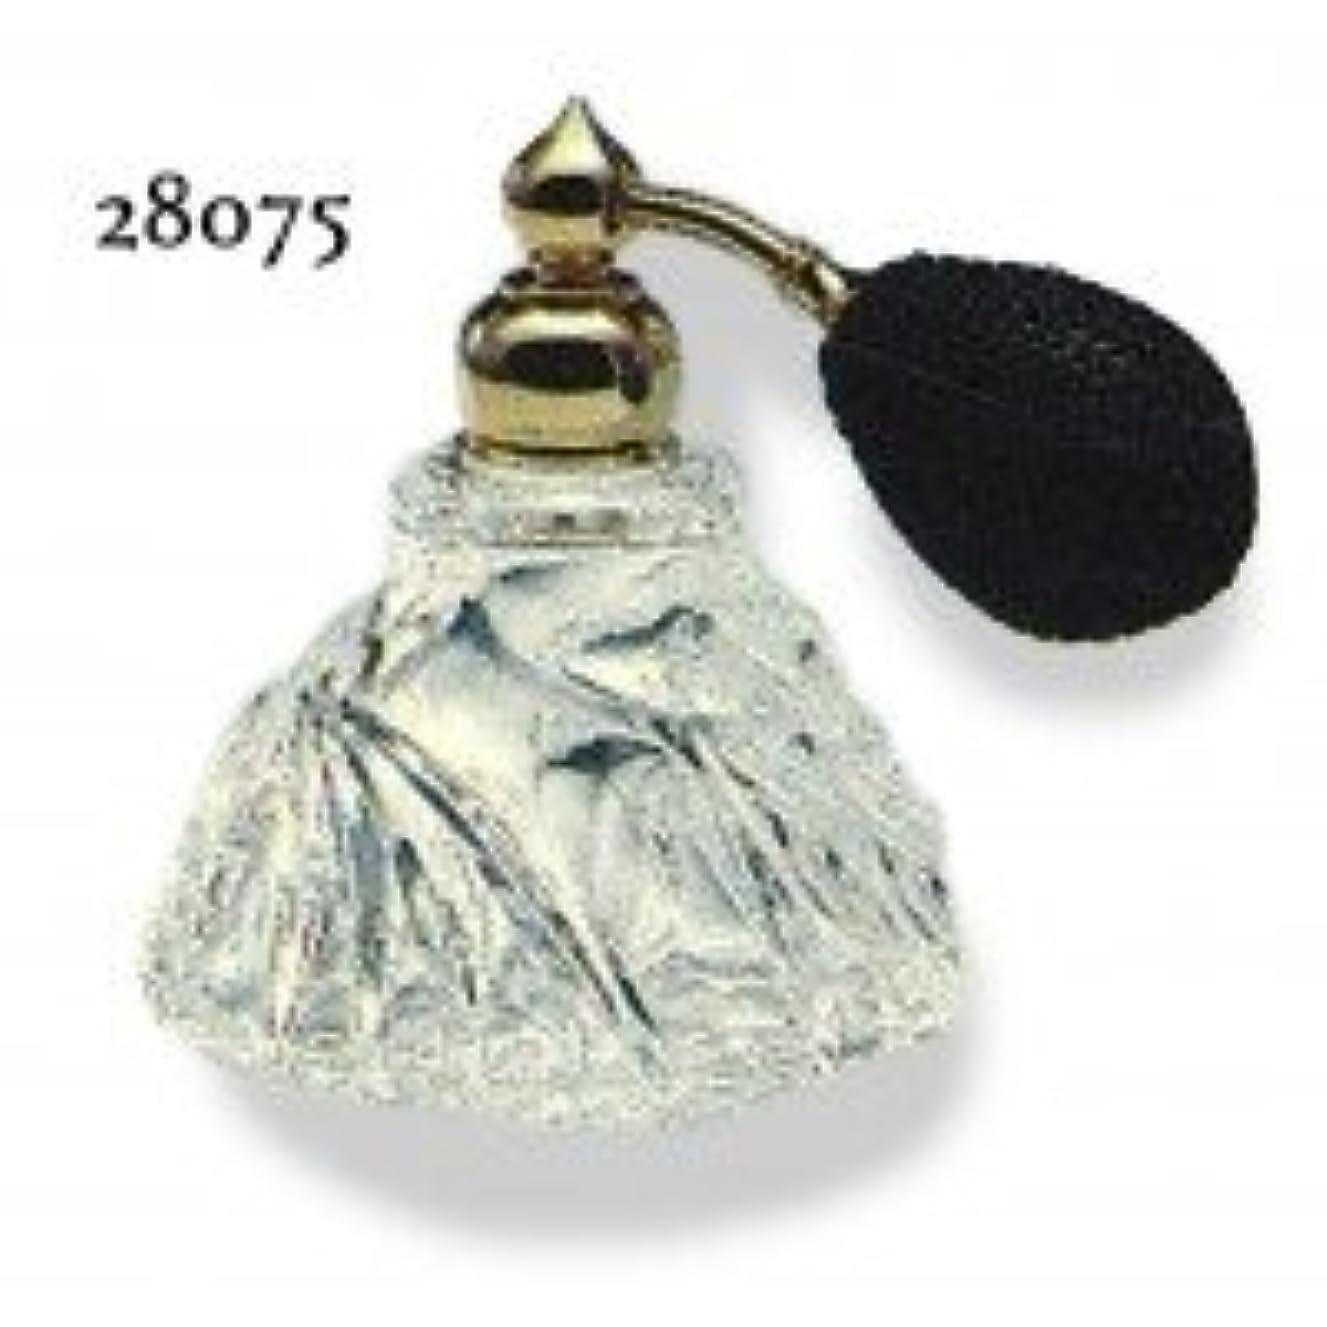 オーバーフロー帆地理ドイツ製クリスタル香水瓶リードクリスタル 長